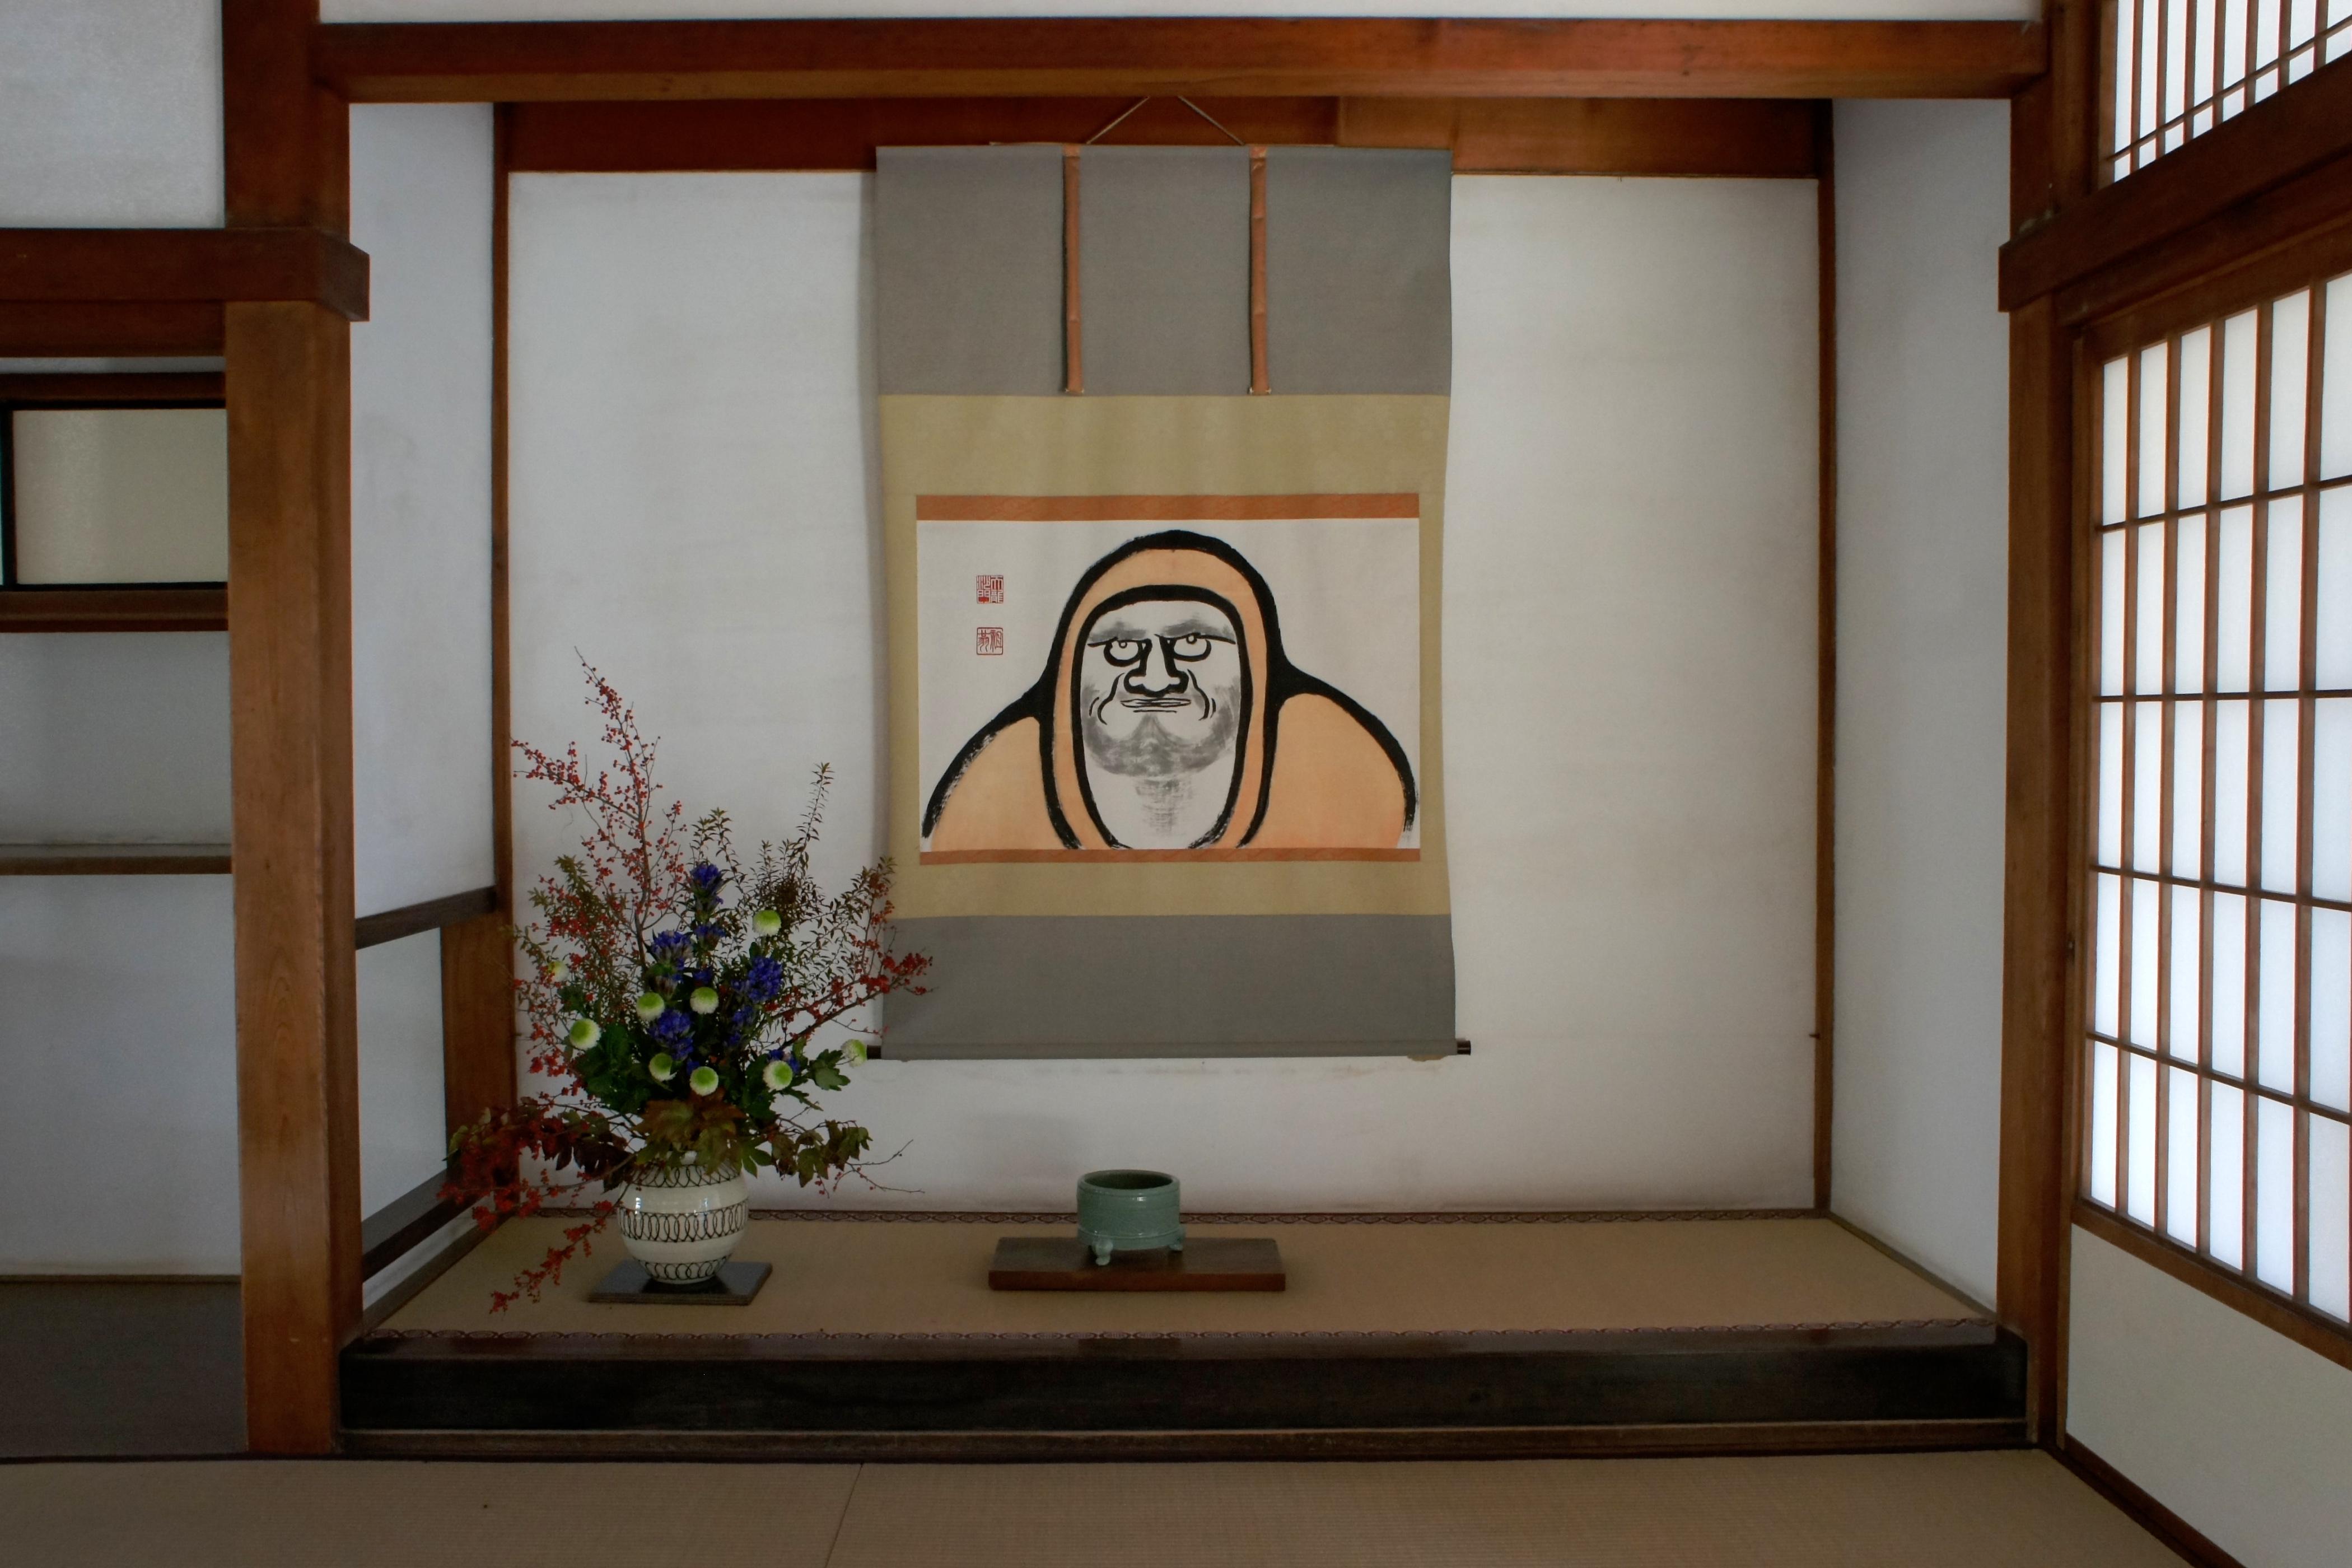 Interieur Maison Japonaise Traditionnelle tokonoma — wikipédia